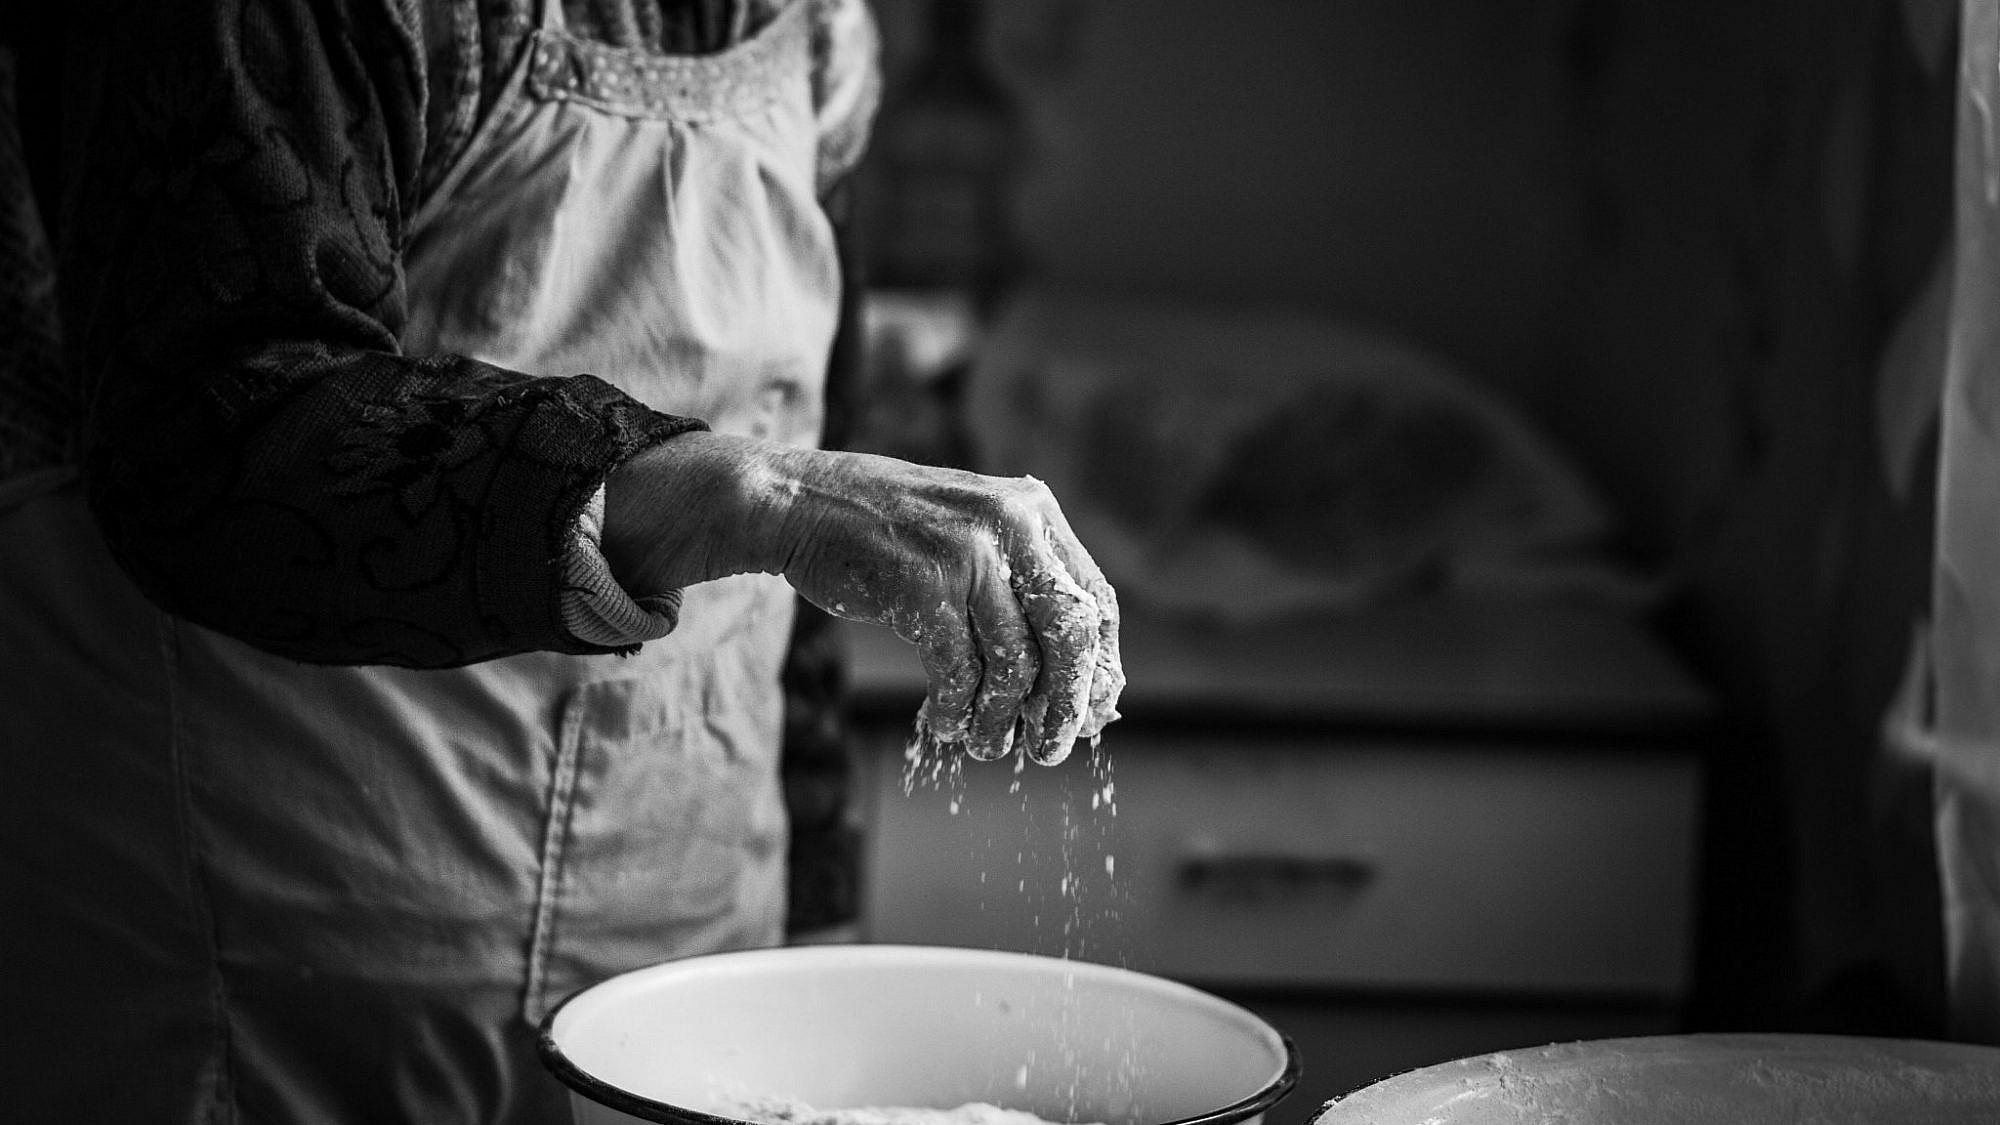 תבשלו, תפשלו ושוב תבשלו (צילום: shutterstock)